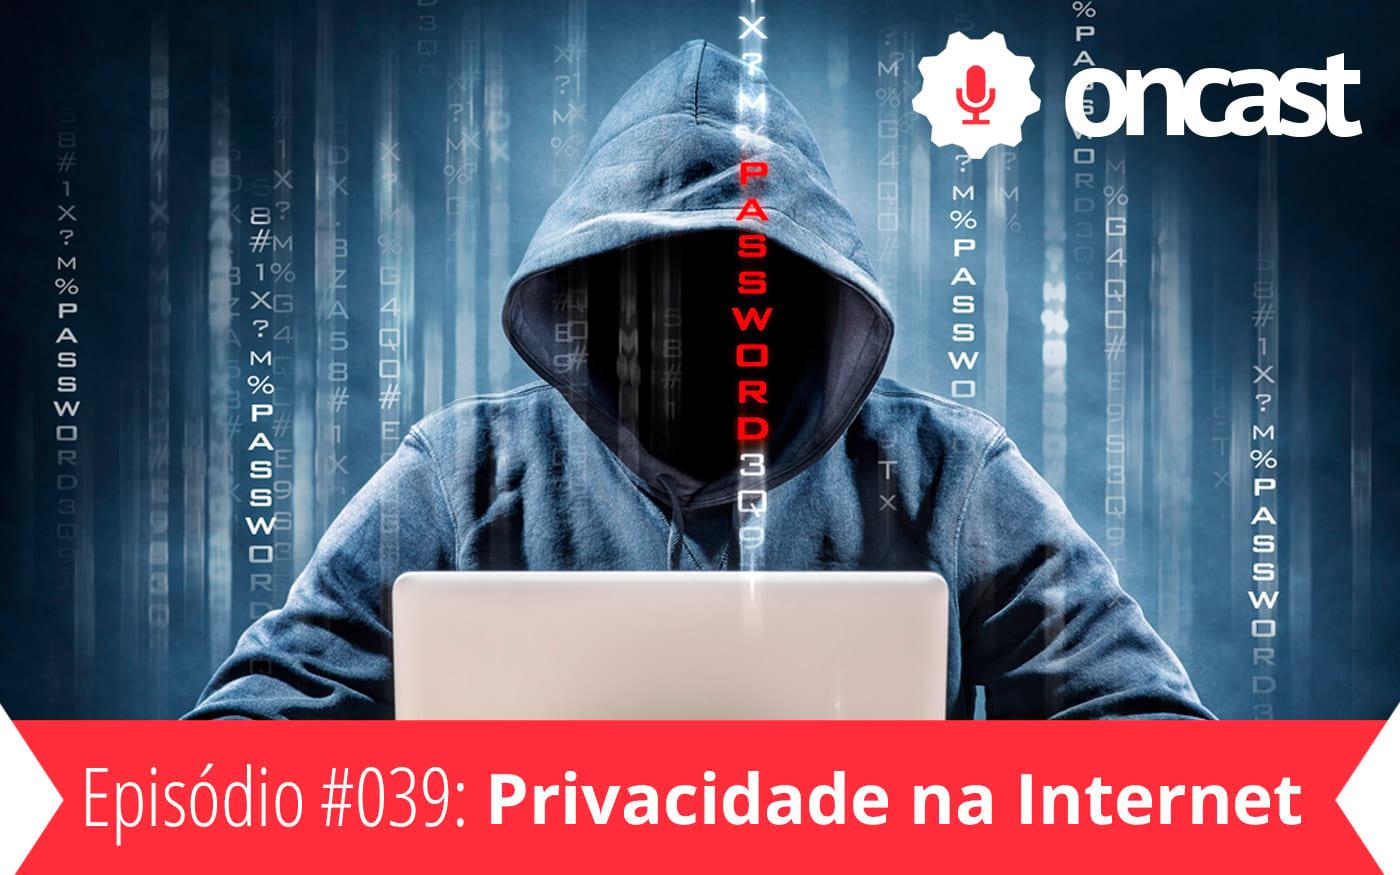 ONCast #39 - Privacidade na internet, existe?